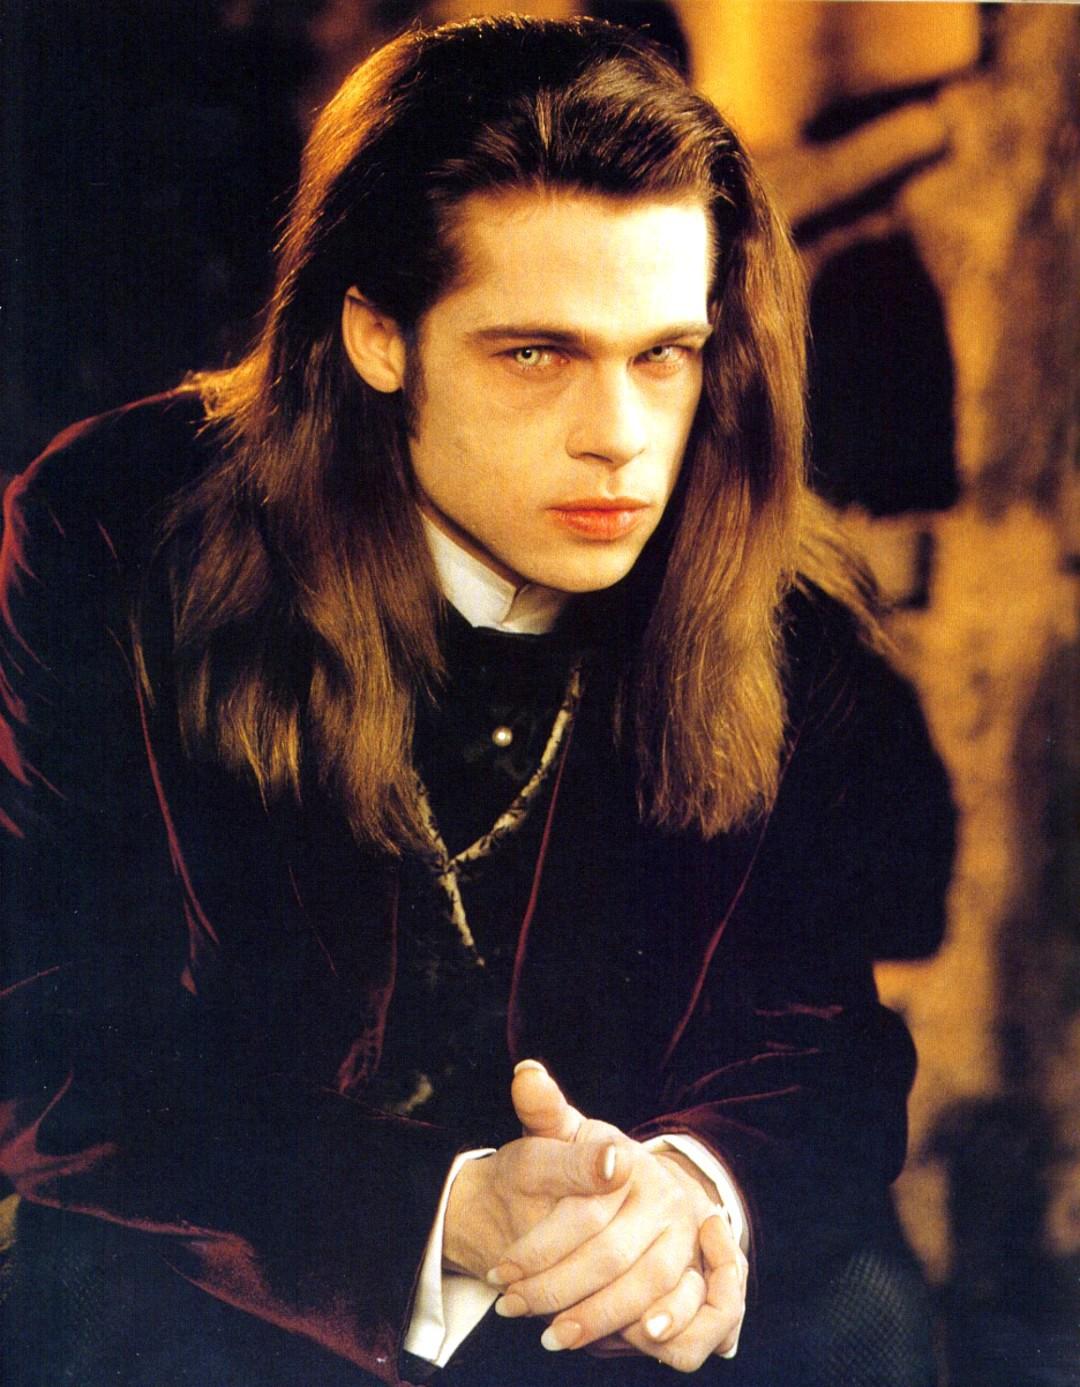 TOP 15 Heiße männliche Vampire - Bild 12 von 15